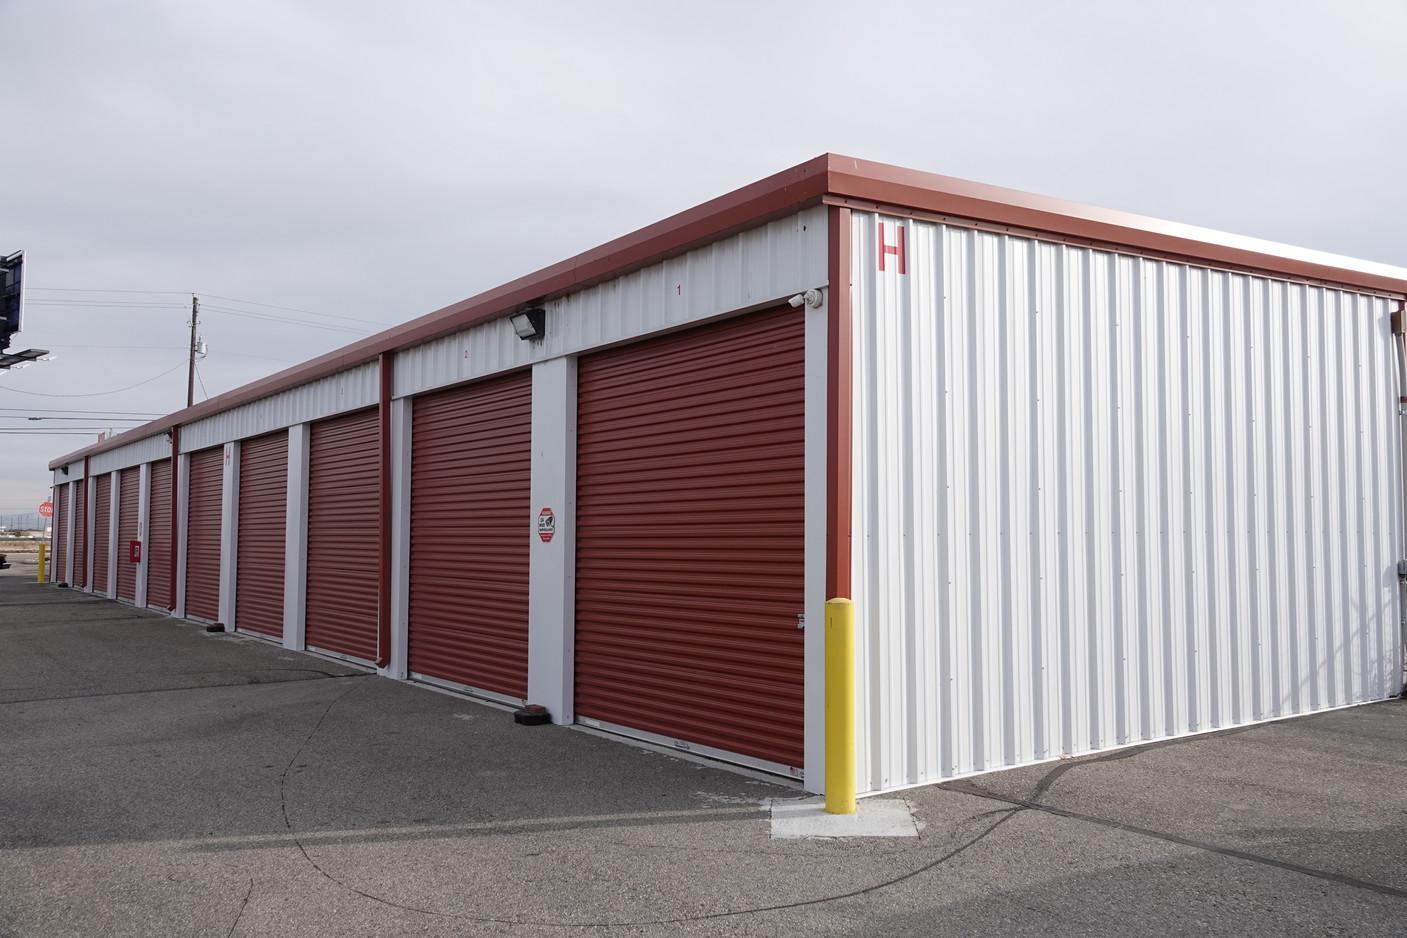 12' x 24' Storage Unit - new 2018